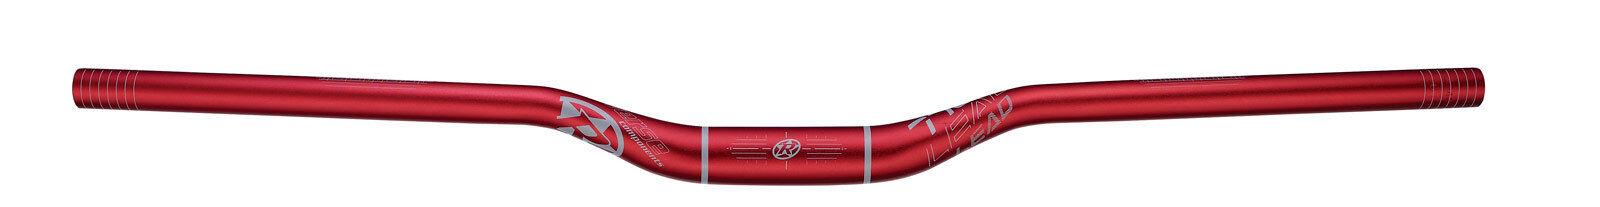 Reverse lead - 770mm MTB manubrio 31,8mm  rojo gris  Entrega directa y rápida de fábrica